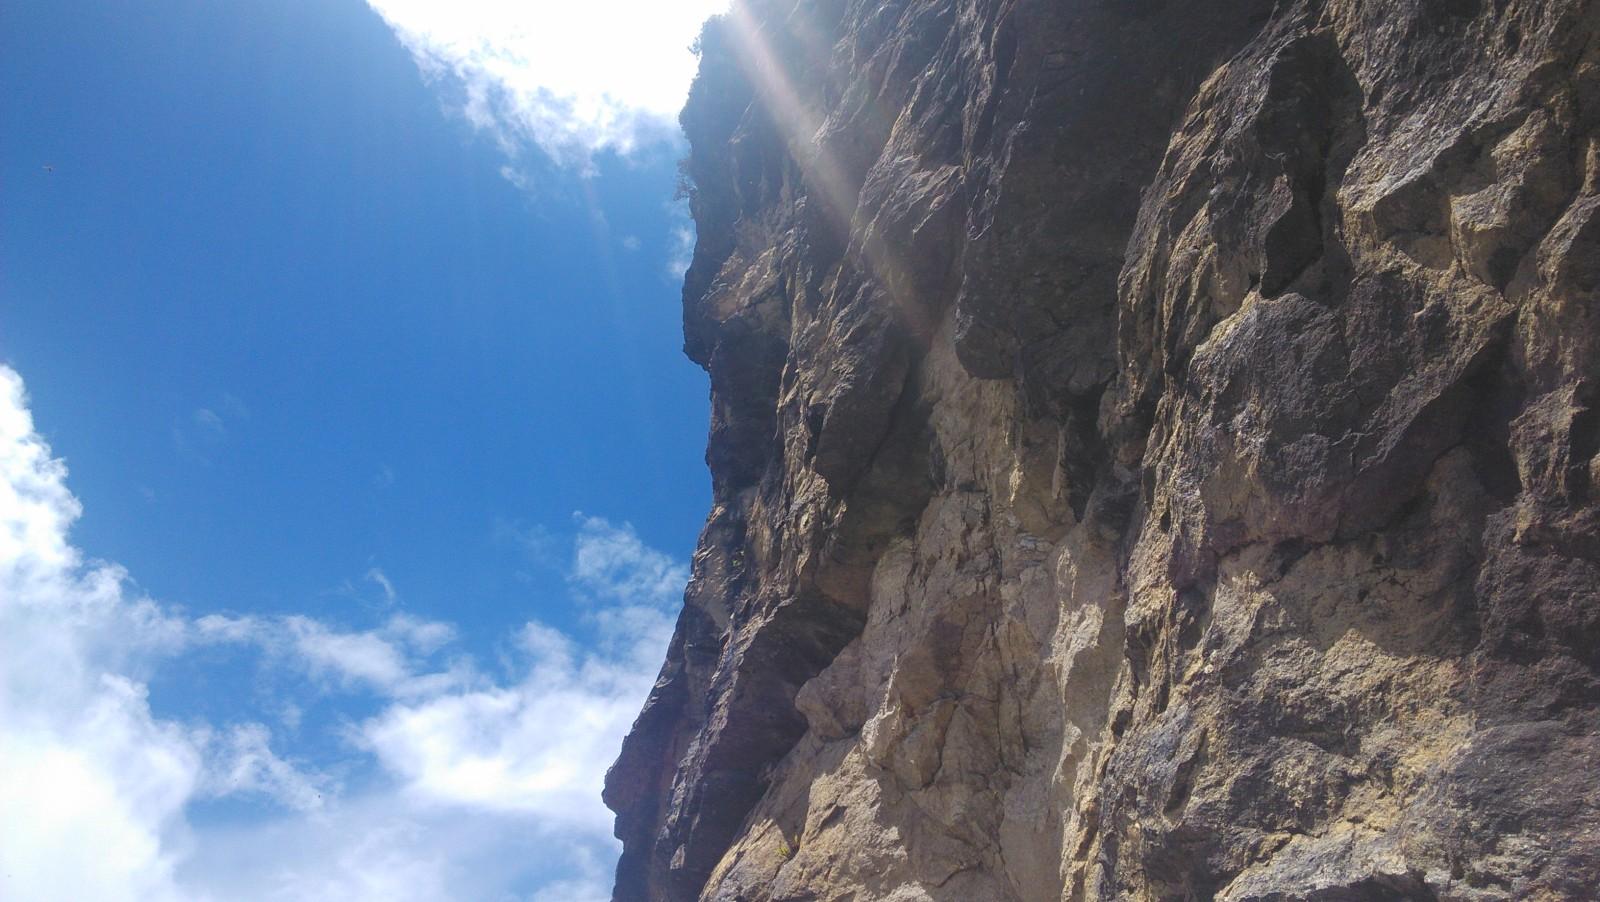 转过山头;一半是悬崖,一半是蓝天